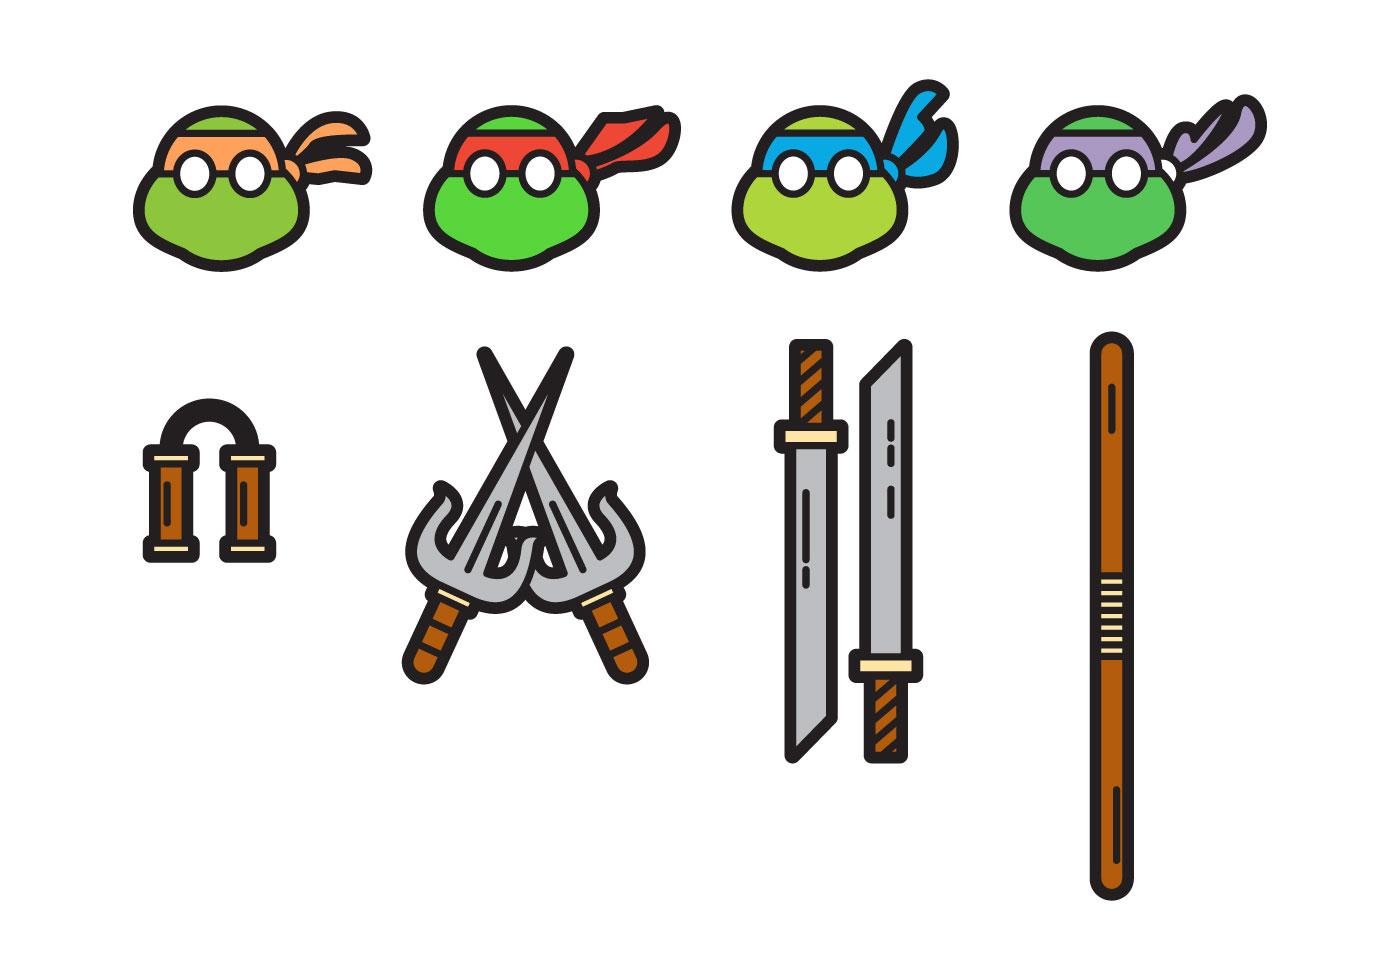 1400x980 Free Cute Ninja Turtles Vectors